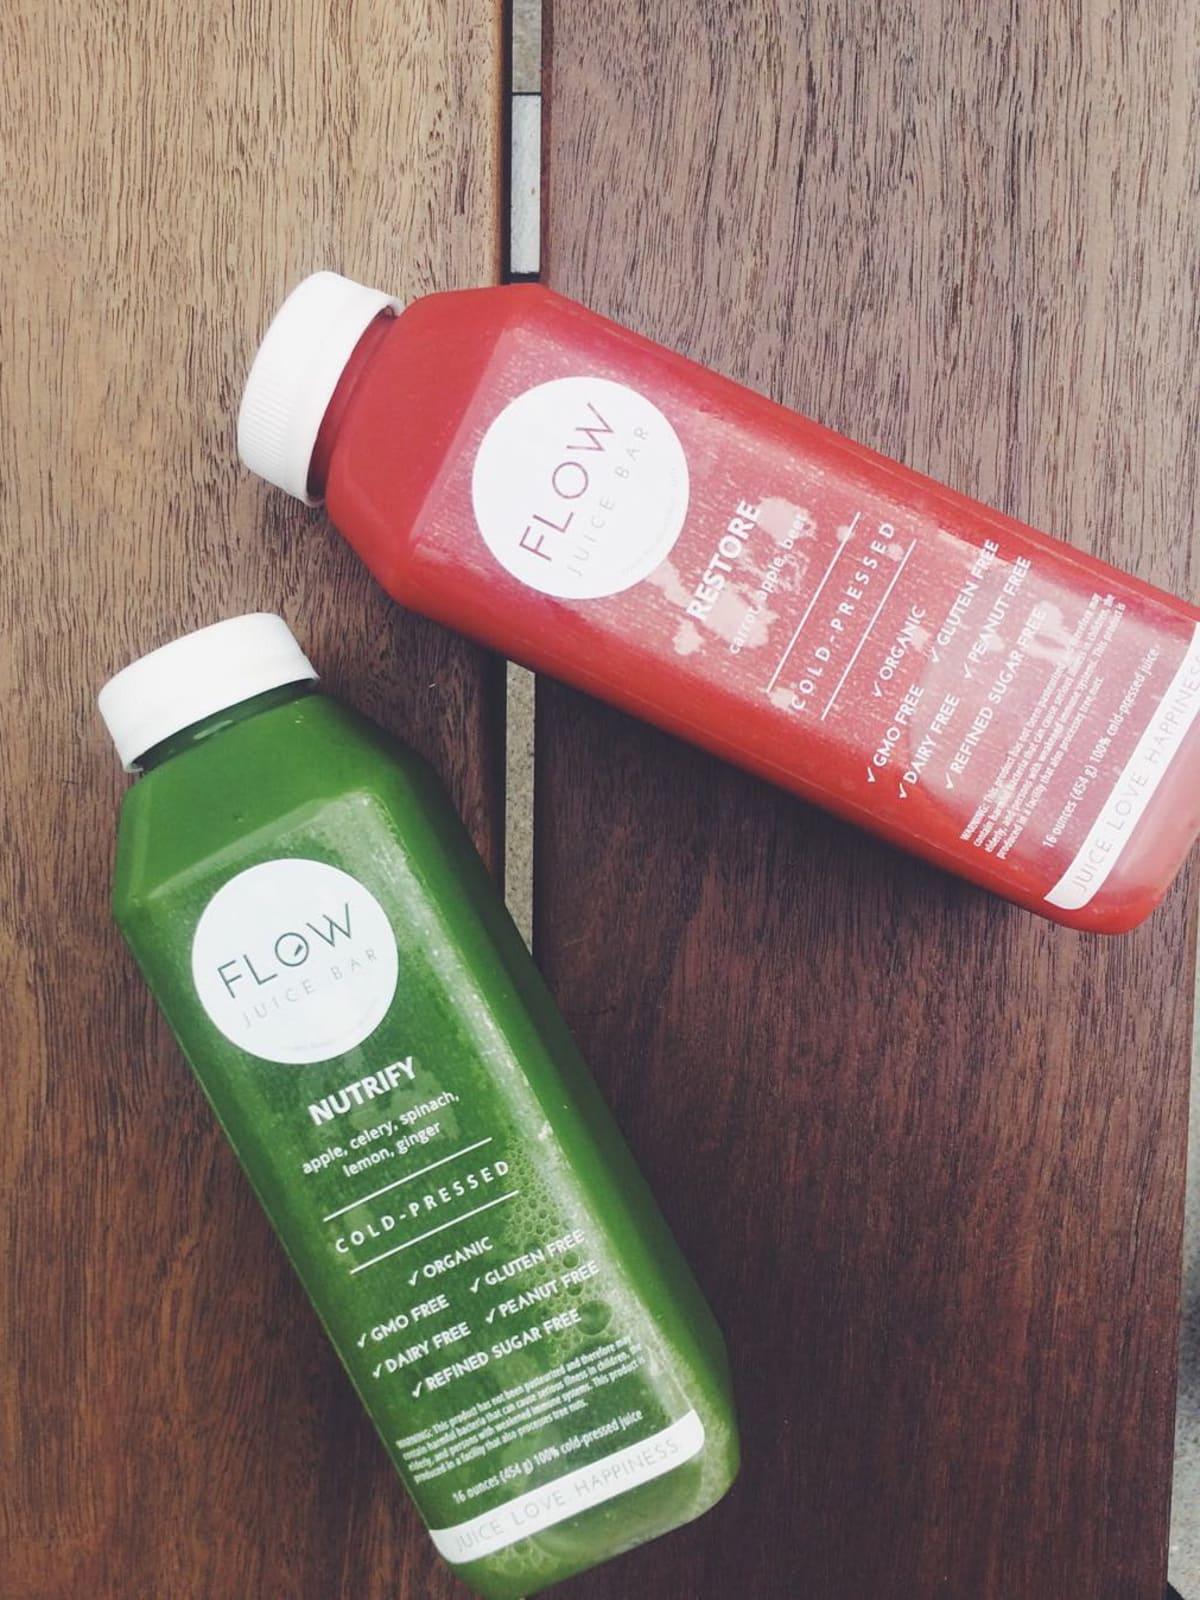 Flow Juice Bar juices